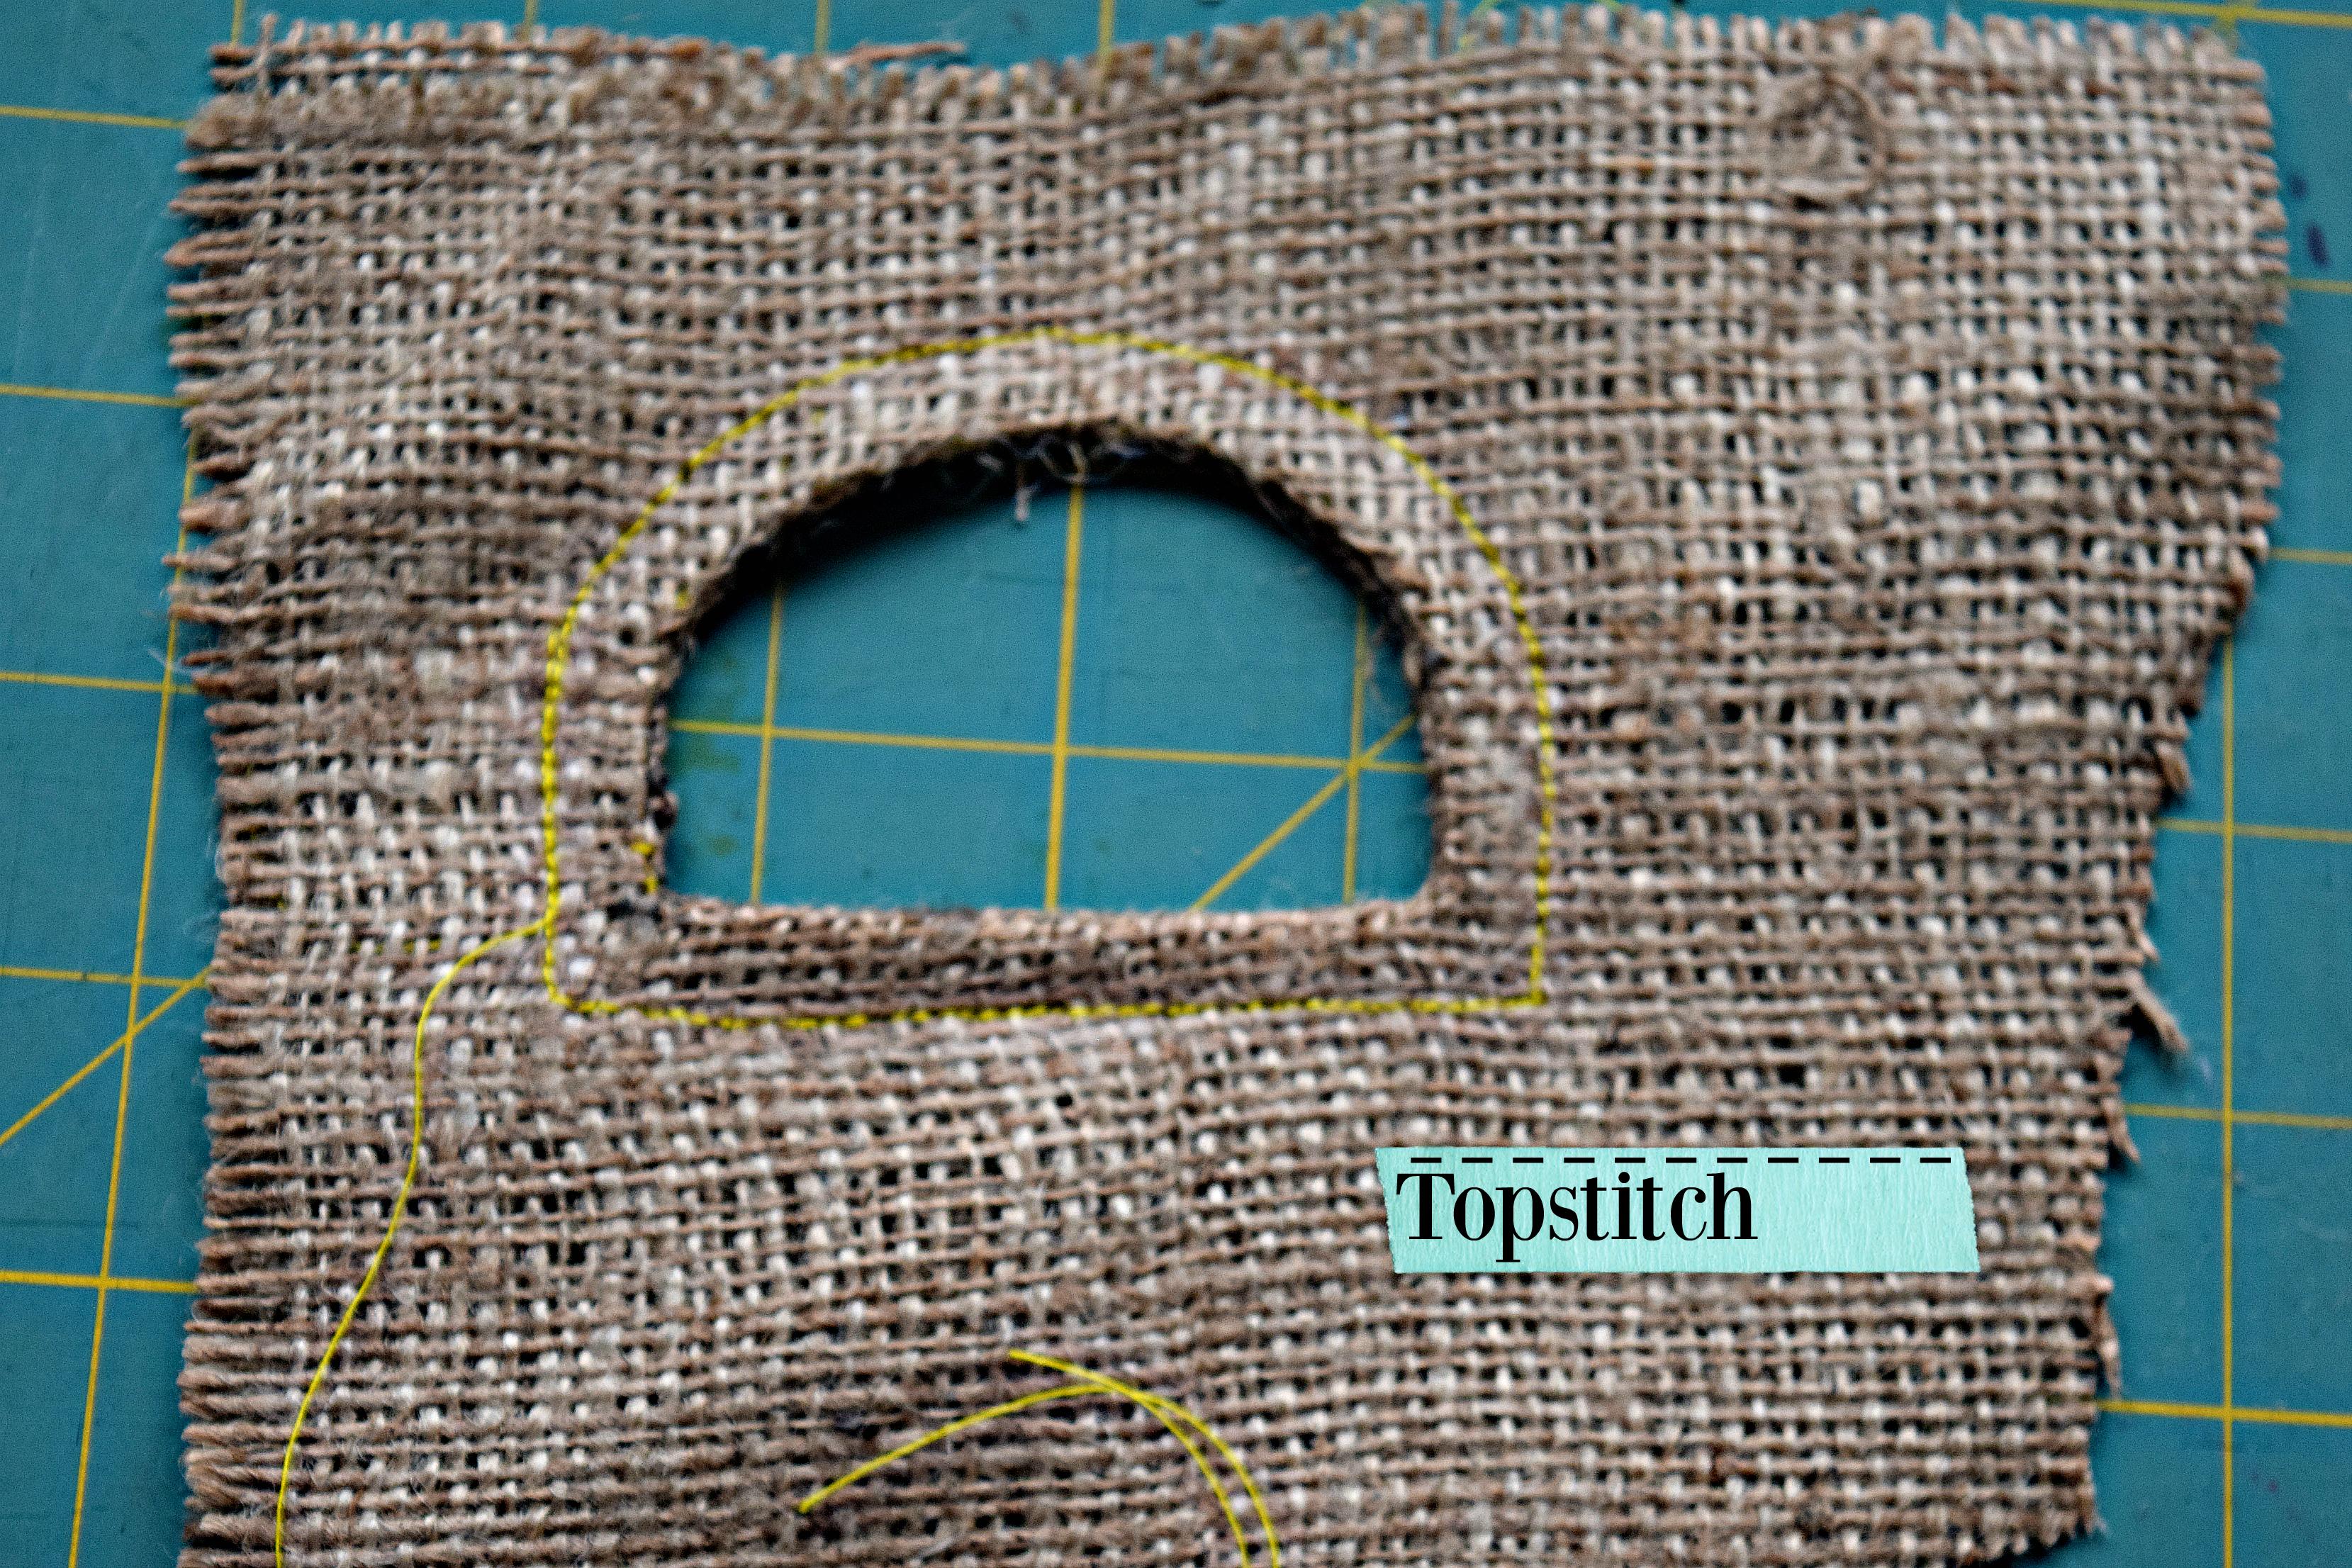 Topstitch 2